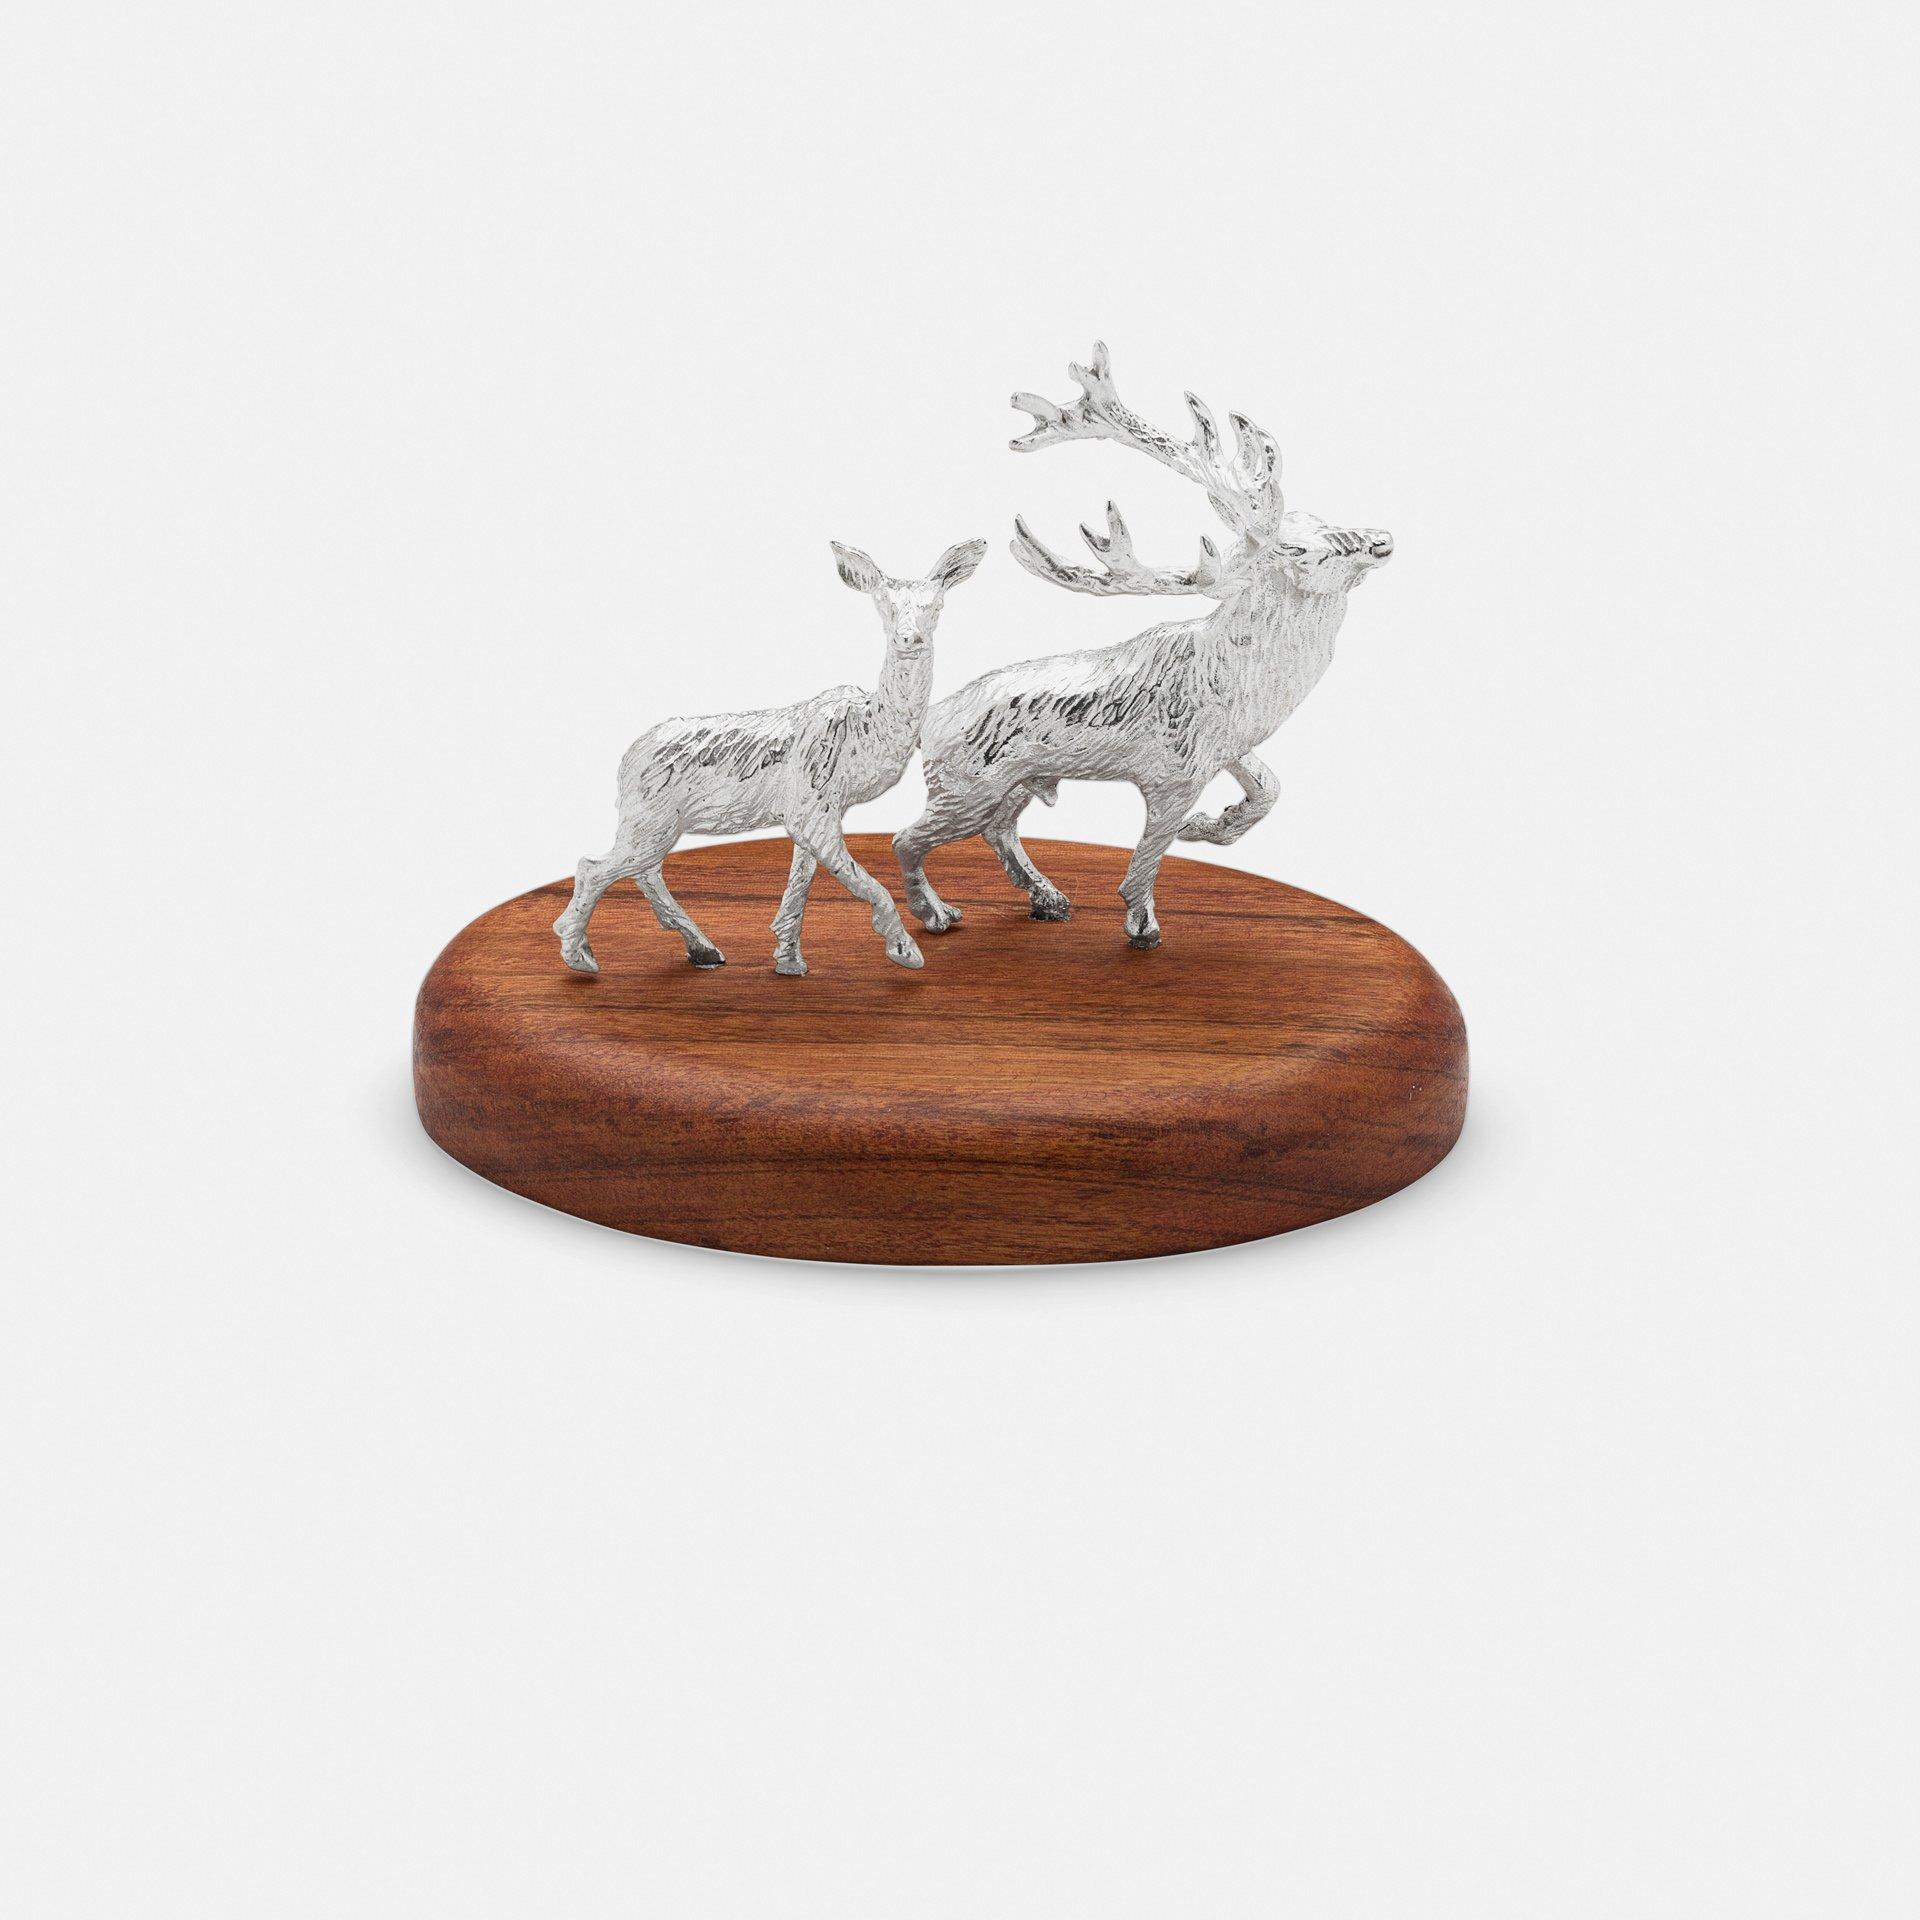 Red Deer Pair on Plinth